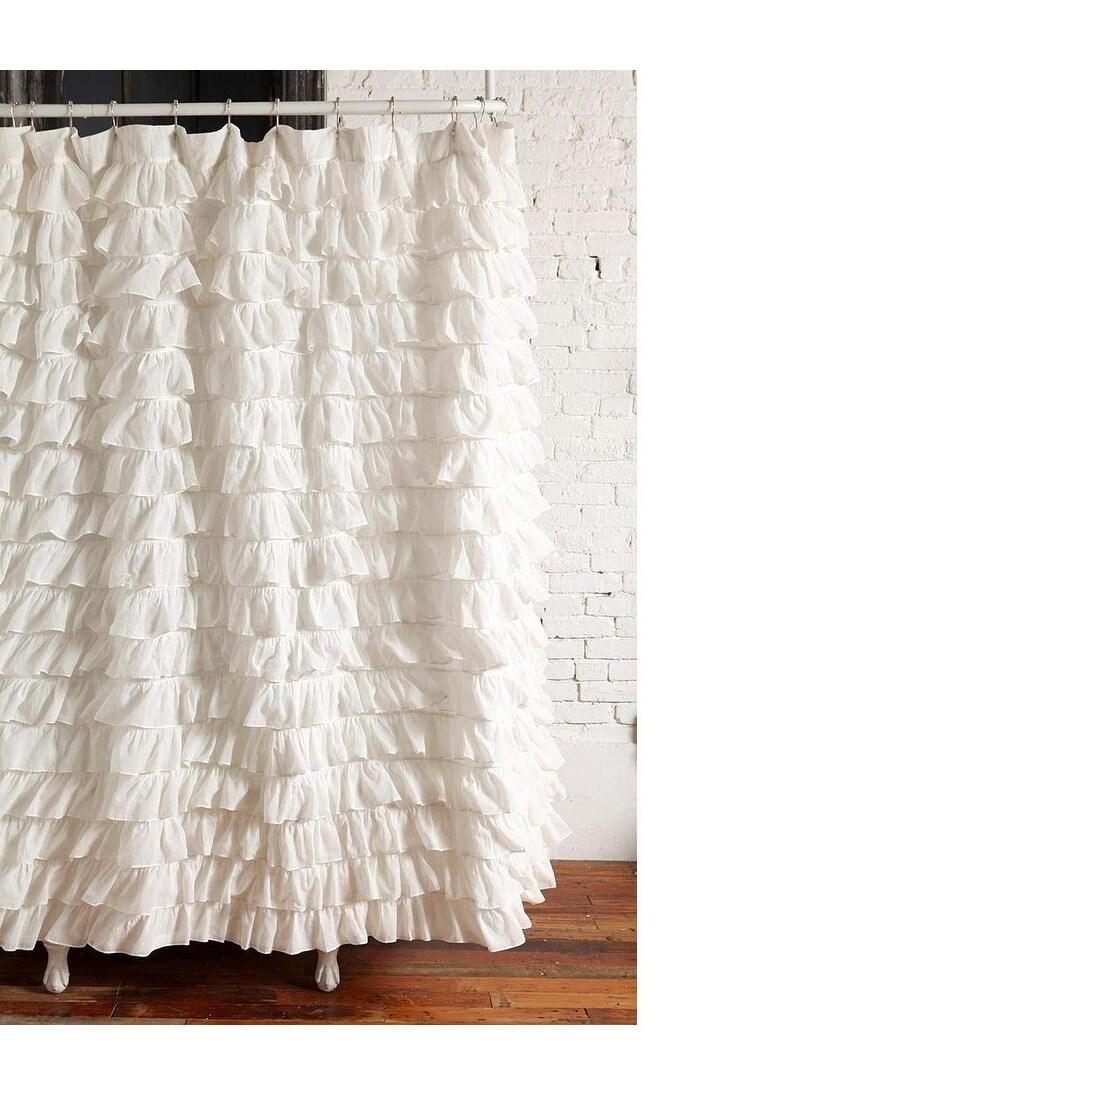 Waterfall Ruffled Fabric Shower Curtain White